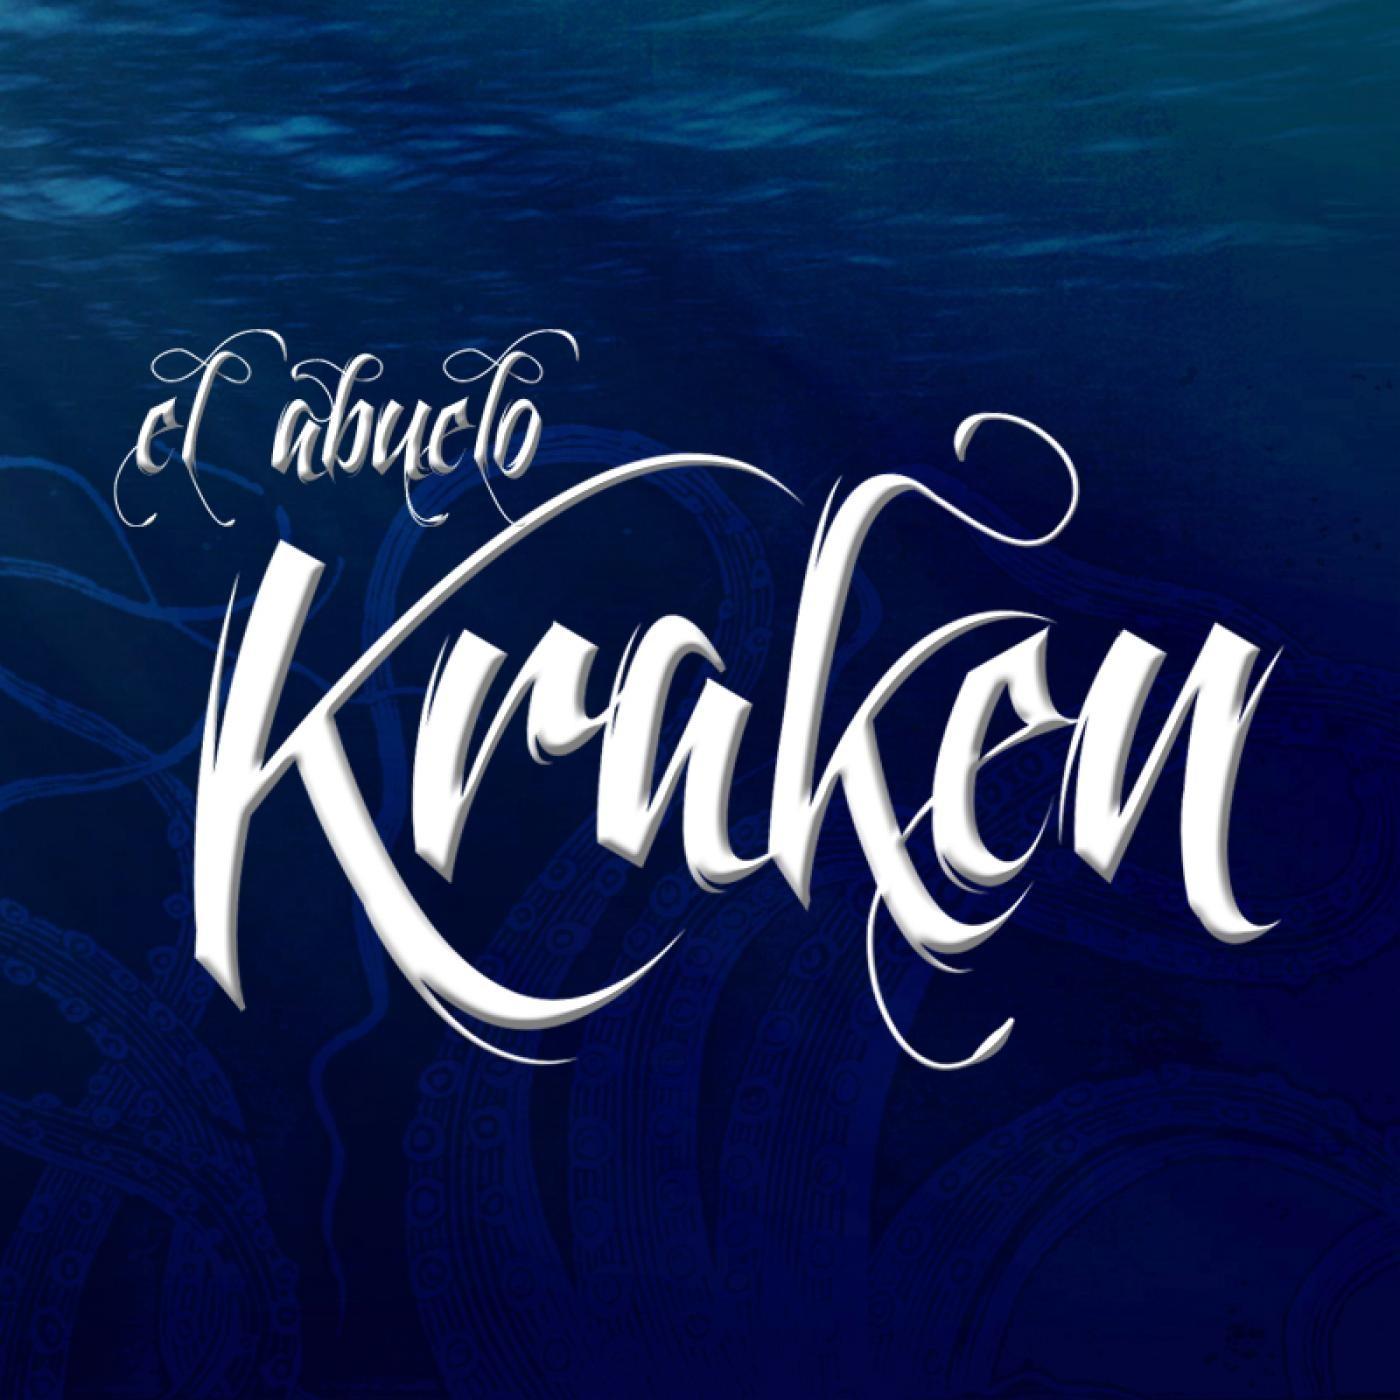 <![CDATA[Obras de la literatura con El Abuelo Kraken]]>